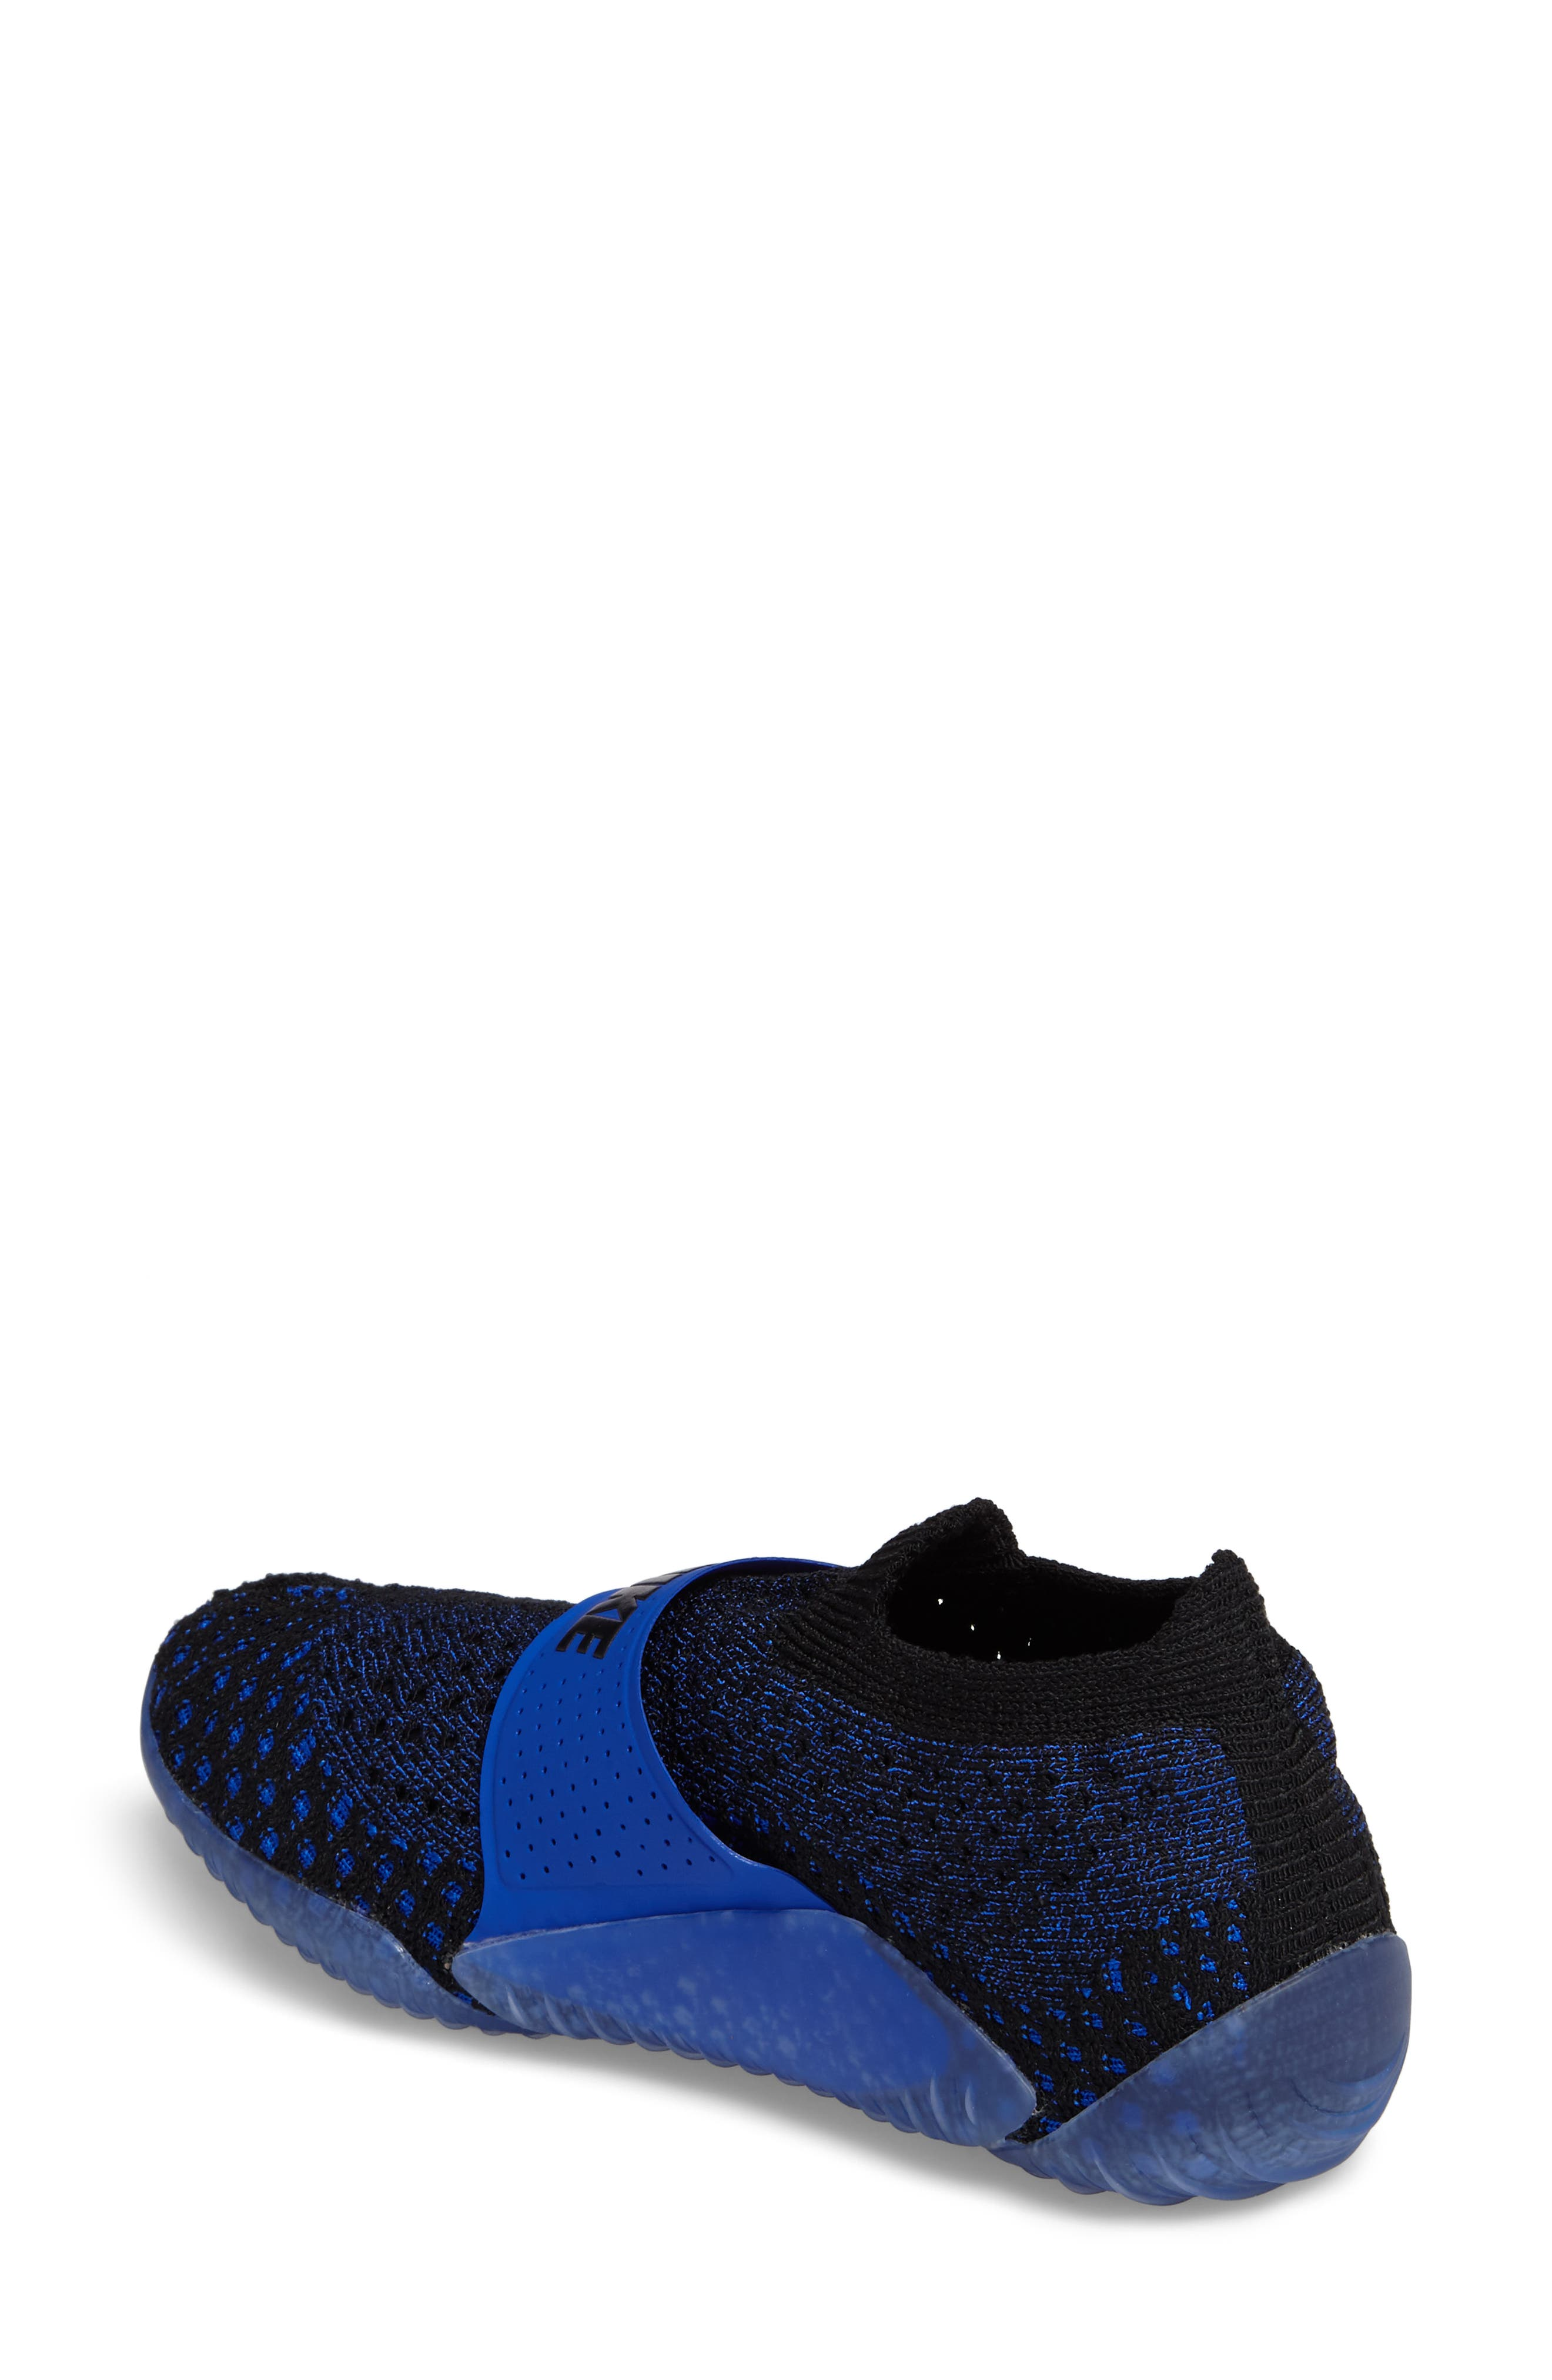 City Knife 3 Flyknit Sneaker,                             Alternate thumbnail 2, color,                             Racer Blue/ Black/ Black